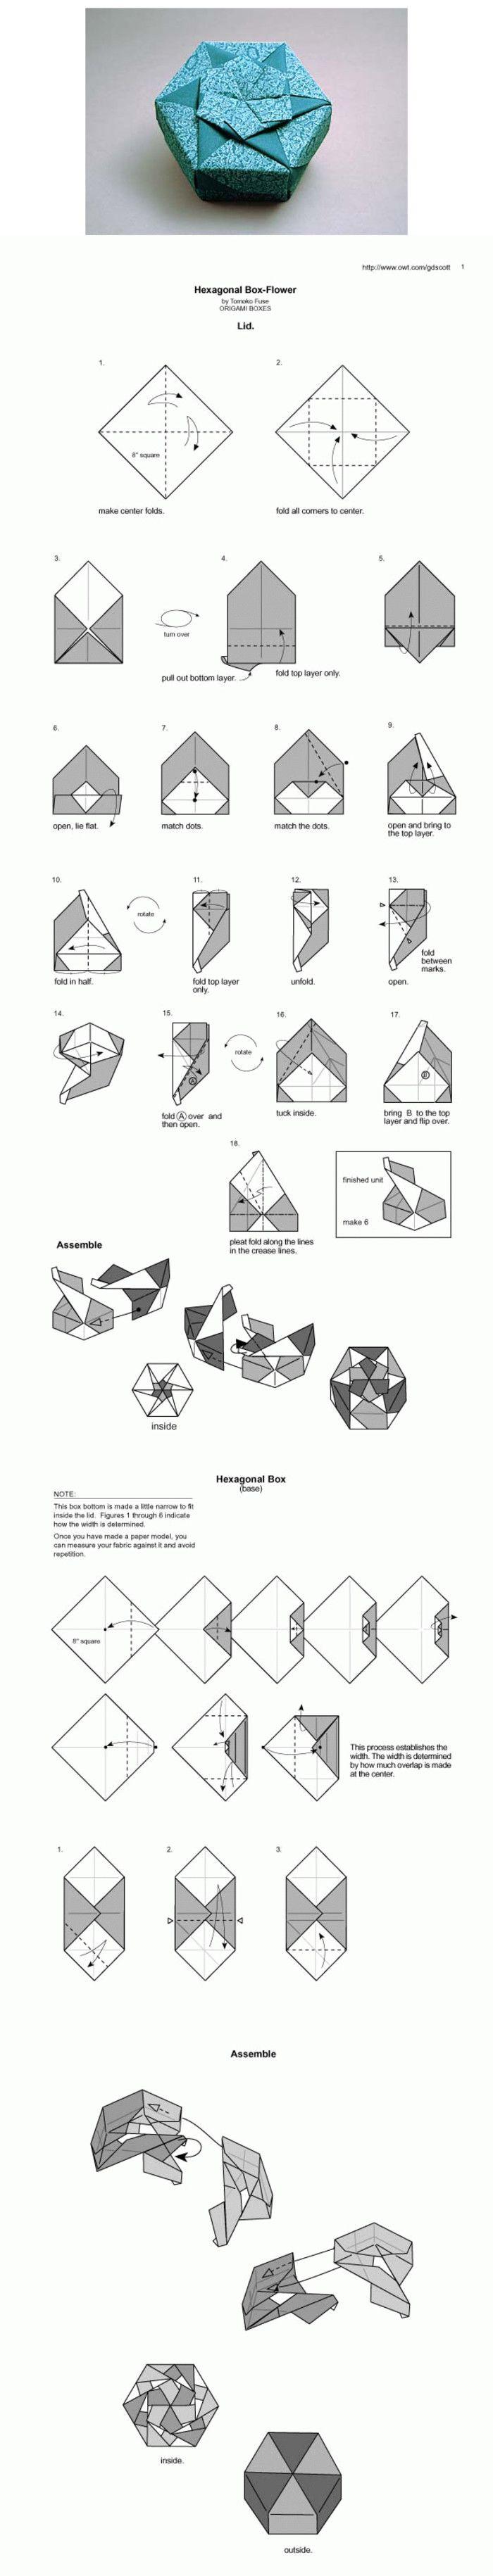 Hexagonal tray ~